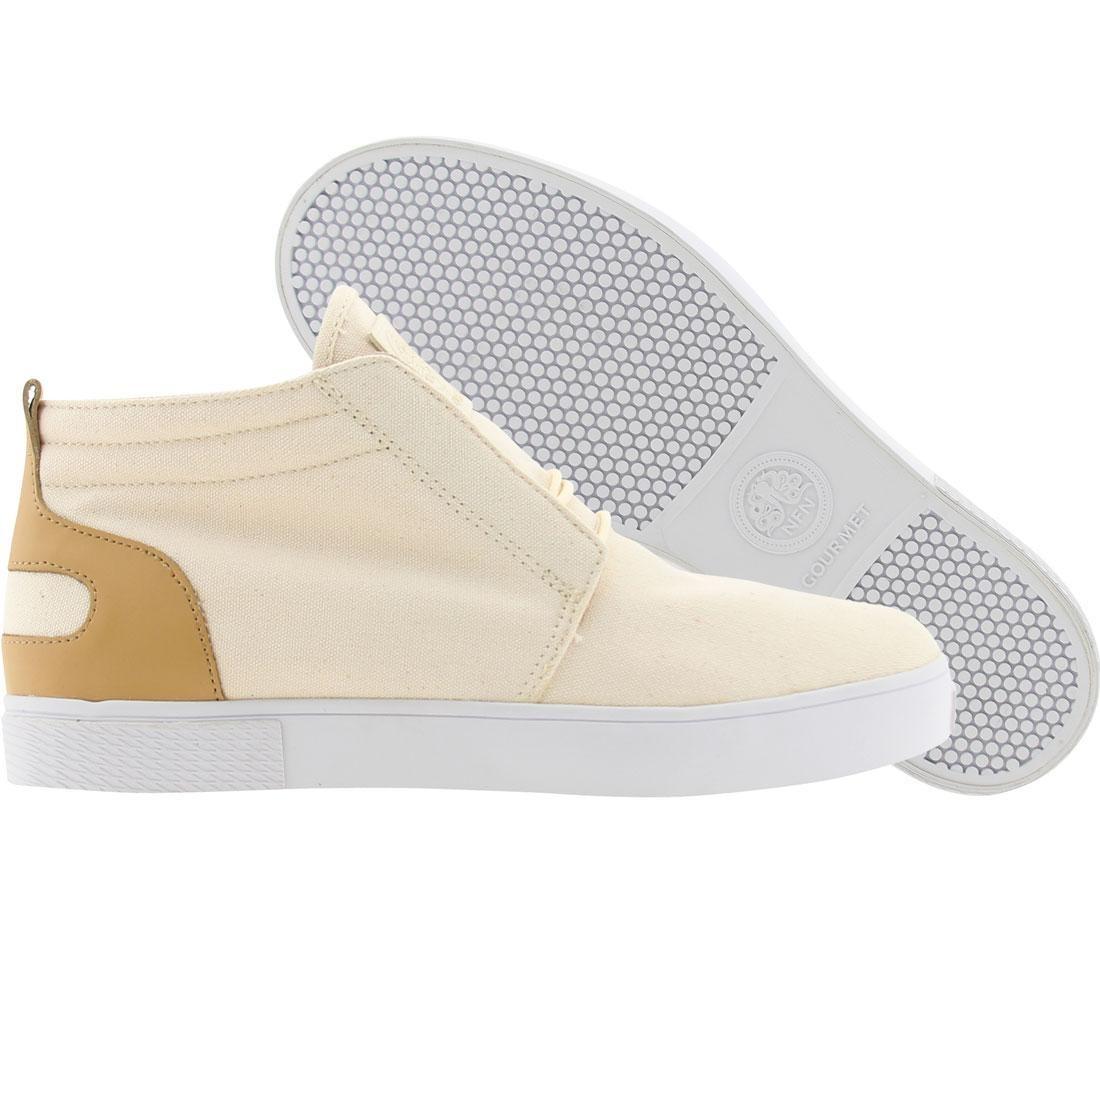 【海外限定】グルメ スニーカー 靴 【 GOURMET SEDICI NATURAL WHITE 】